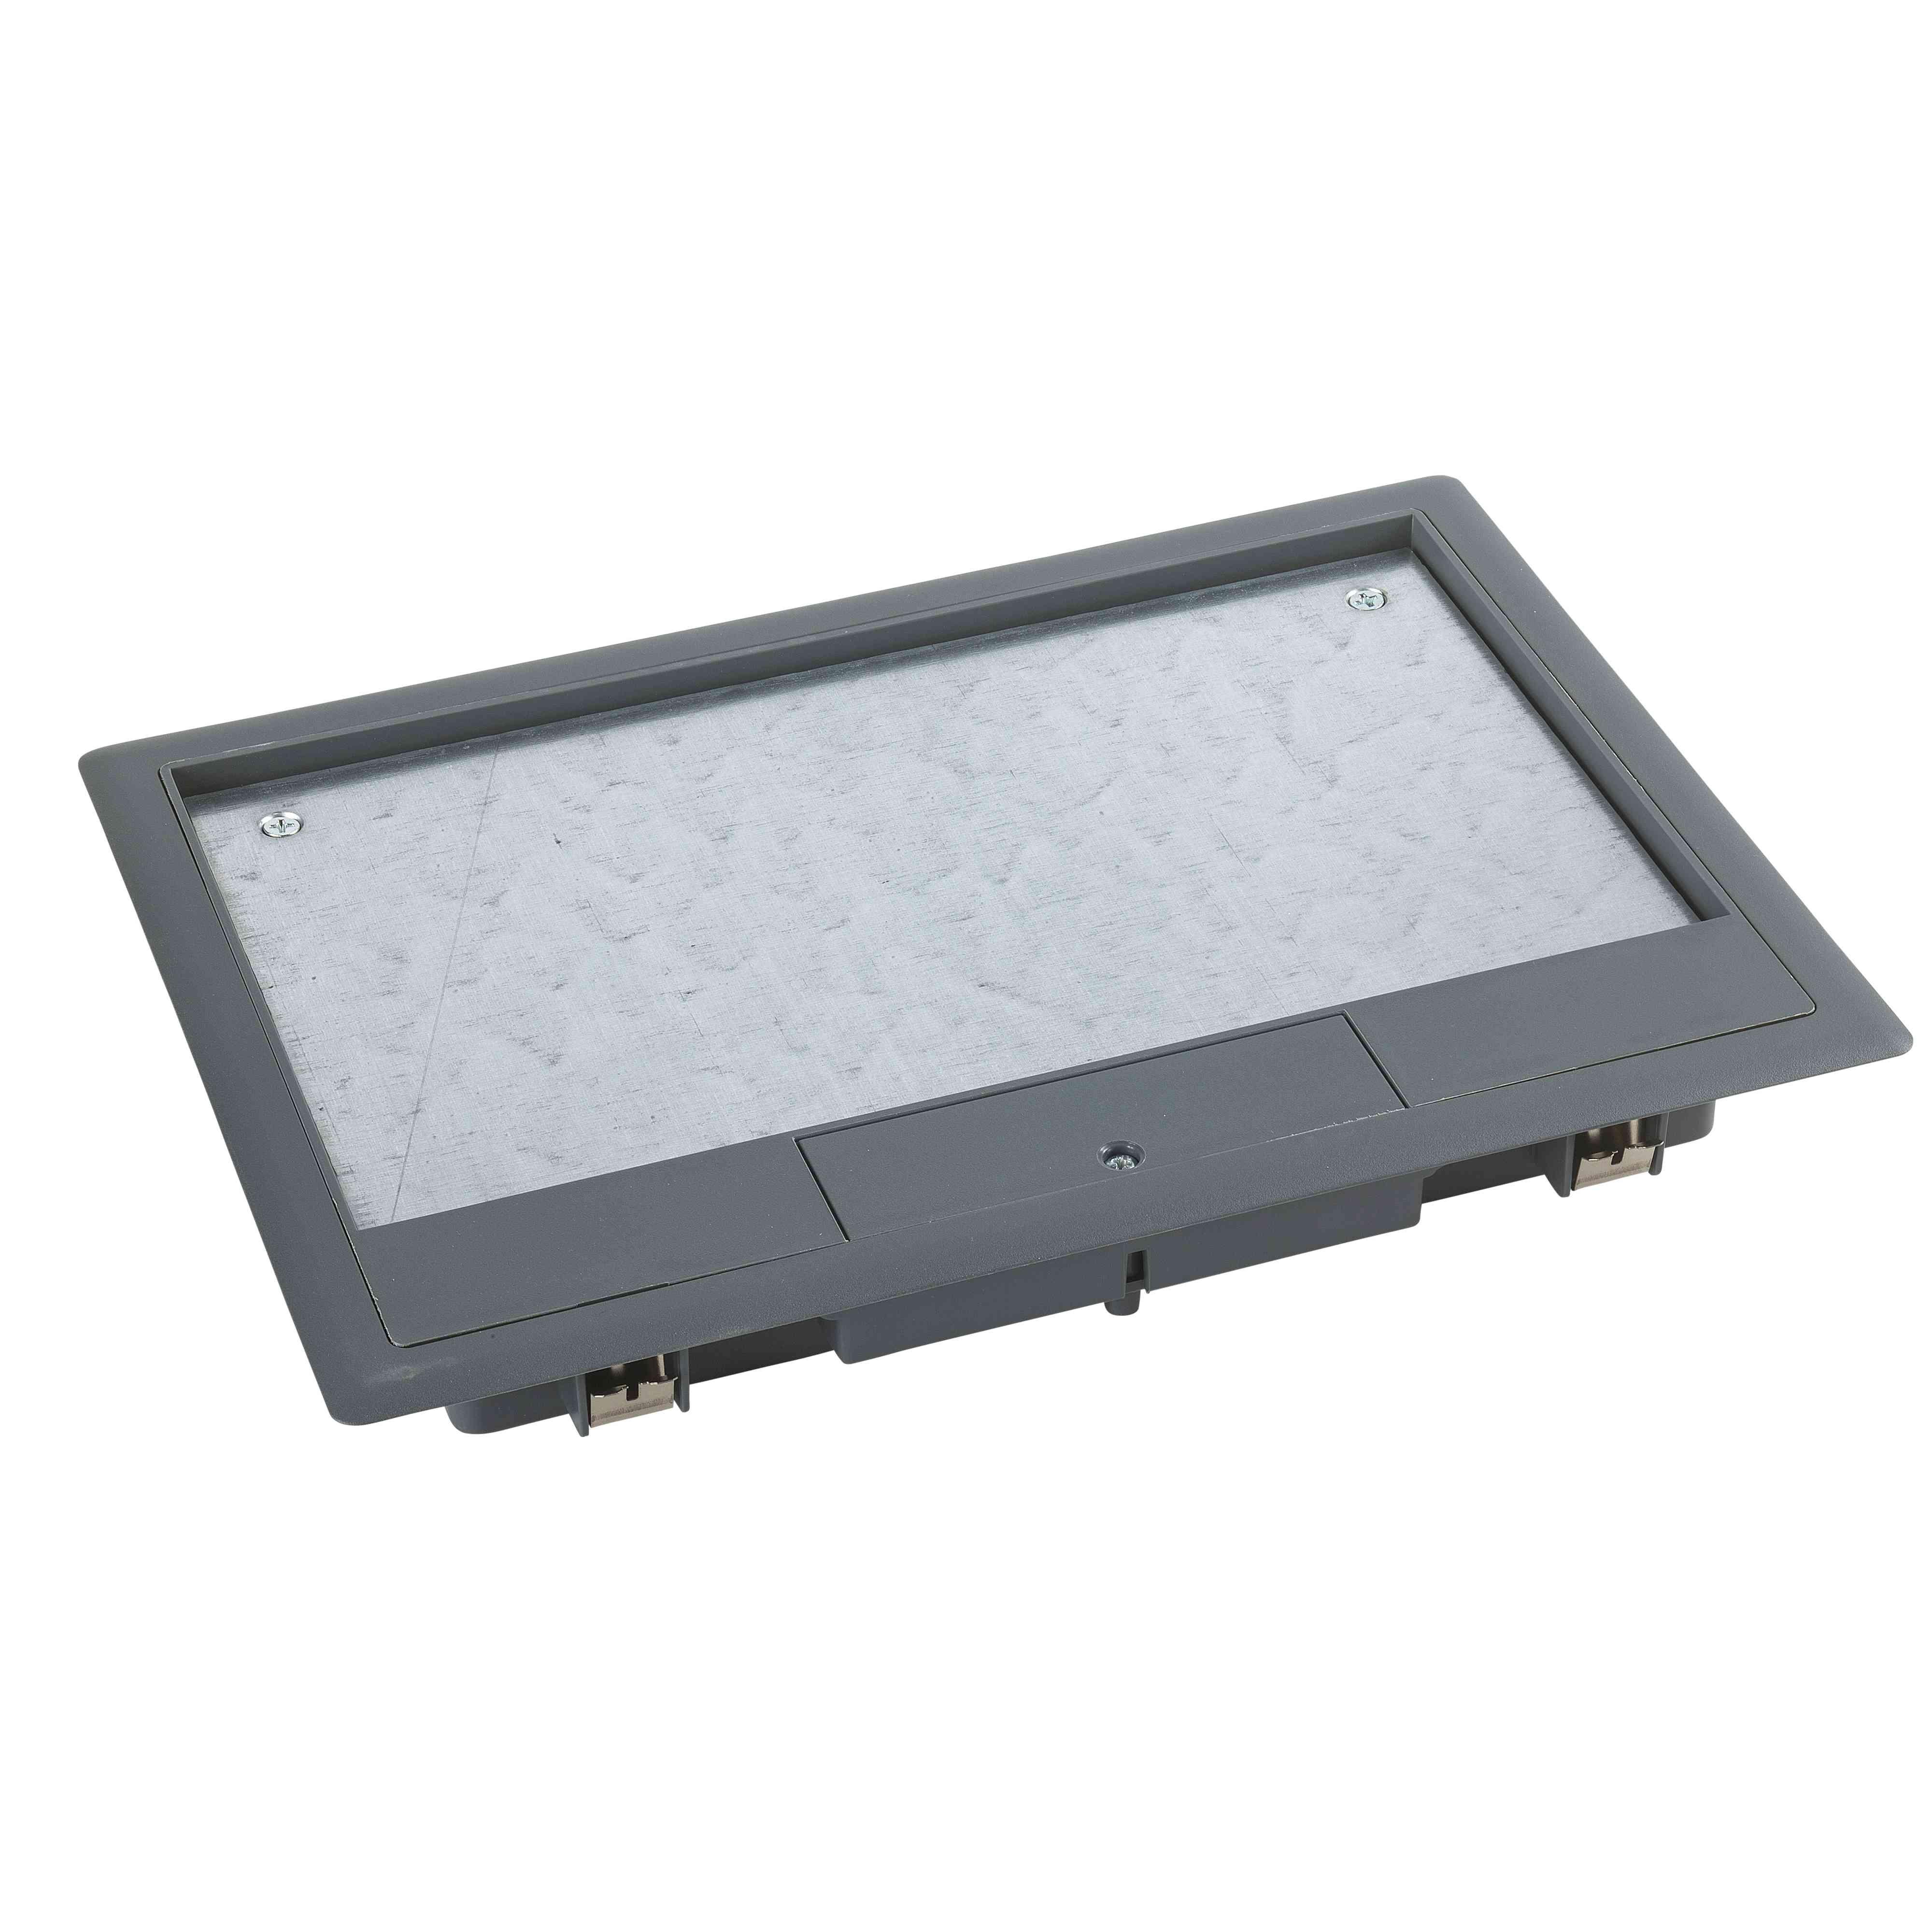 OptiLine 45 - talna škatla za dostop - brez modulov